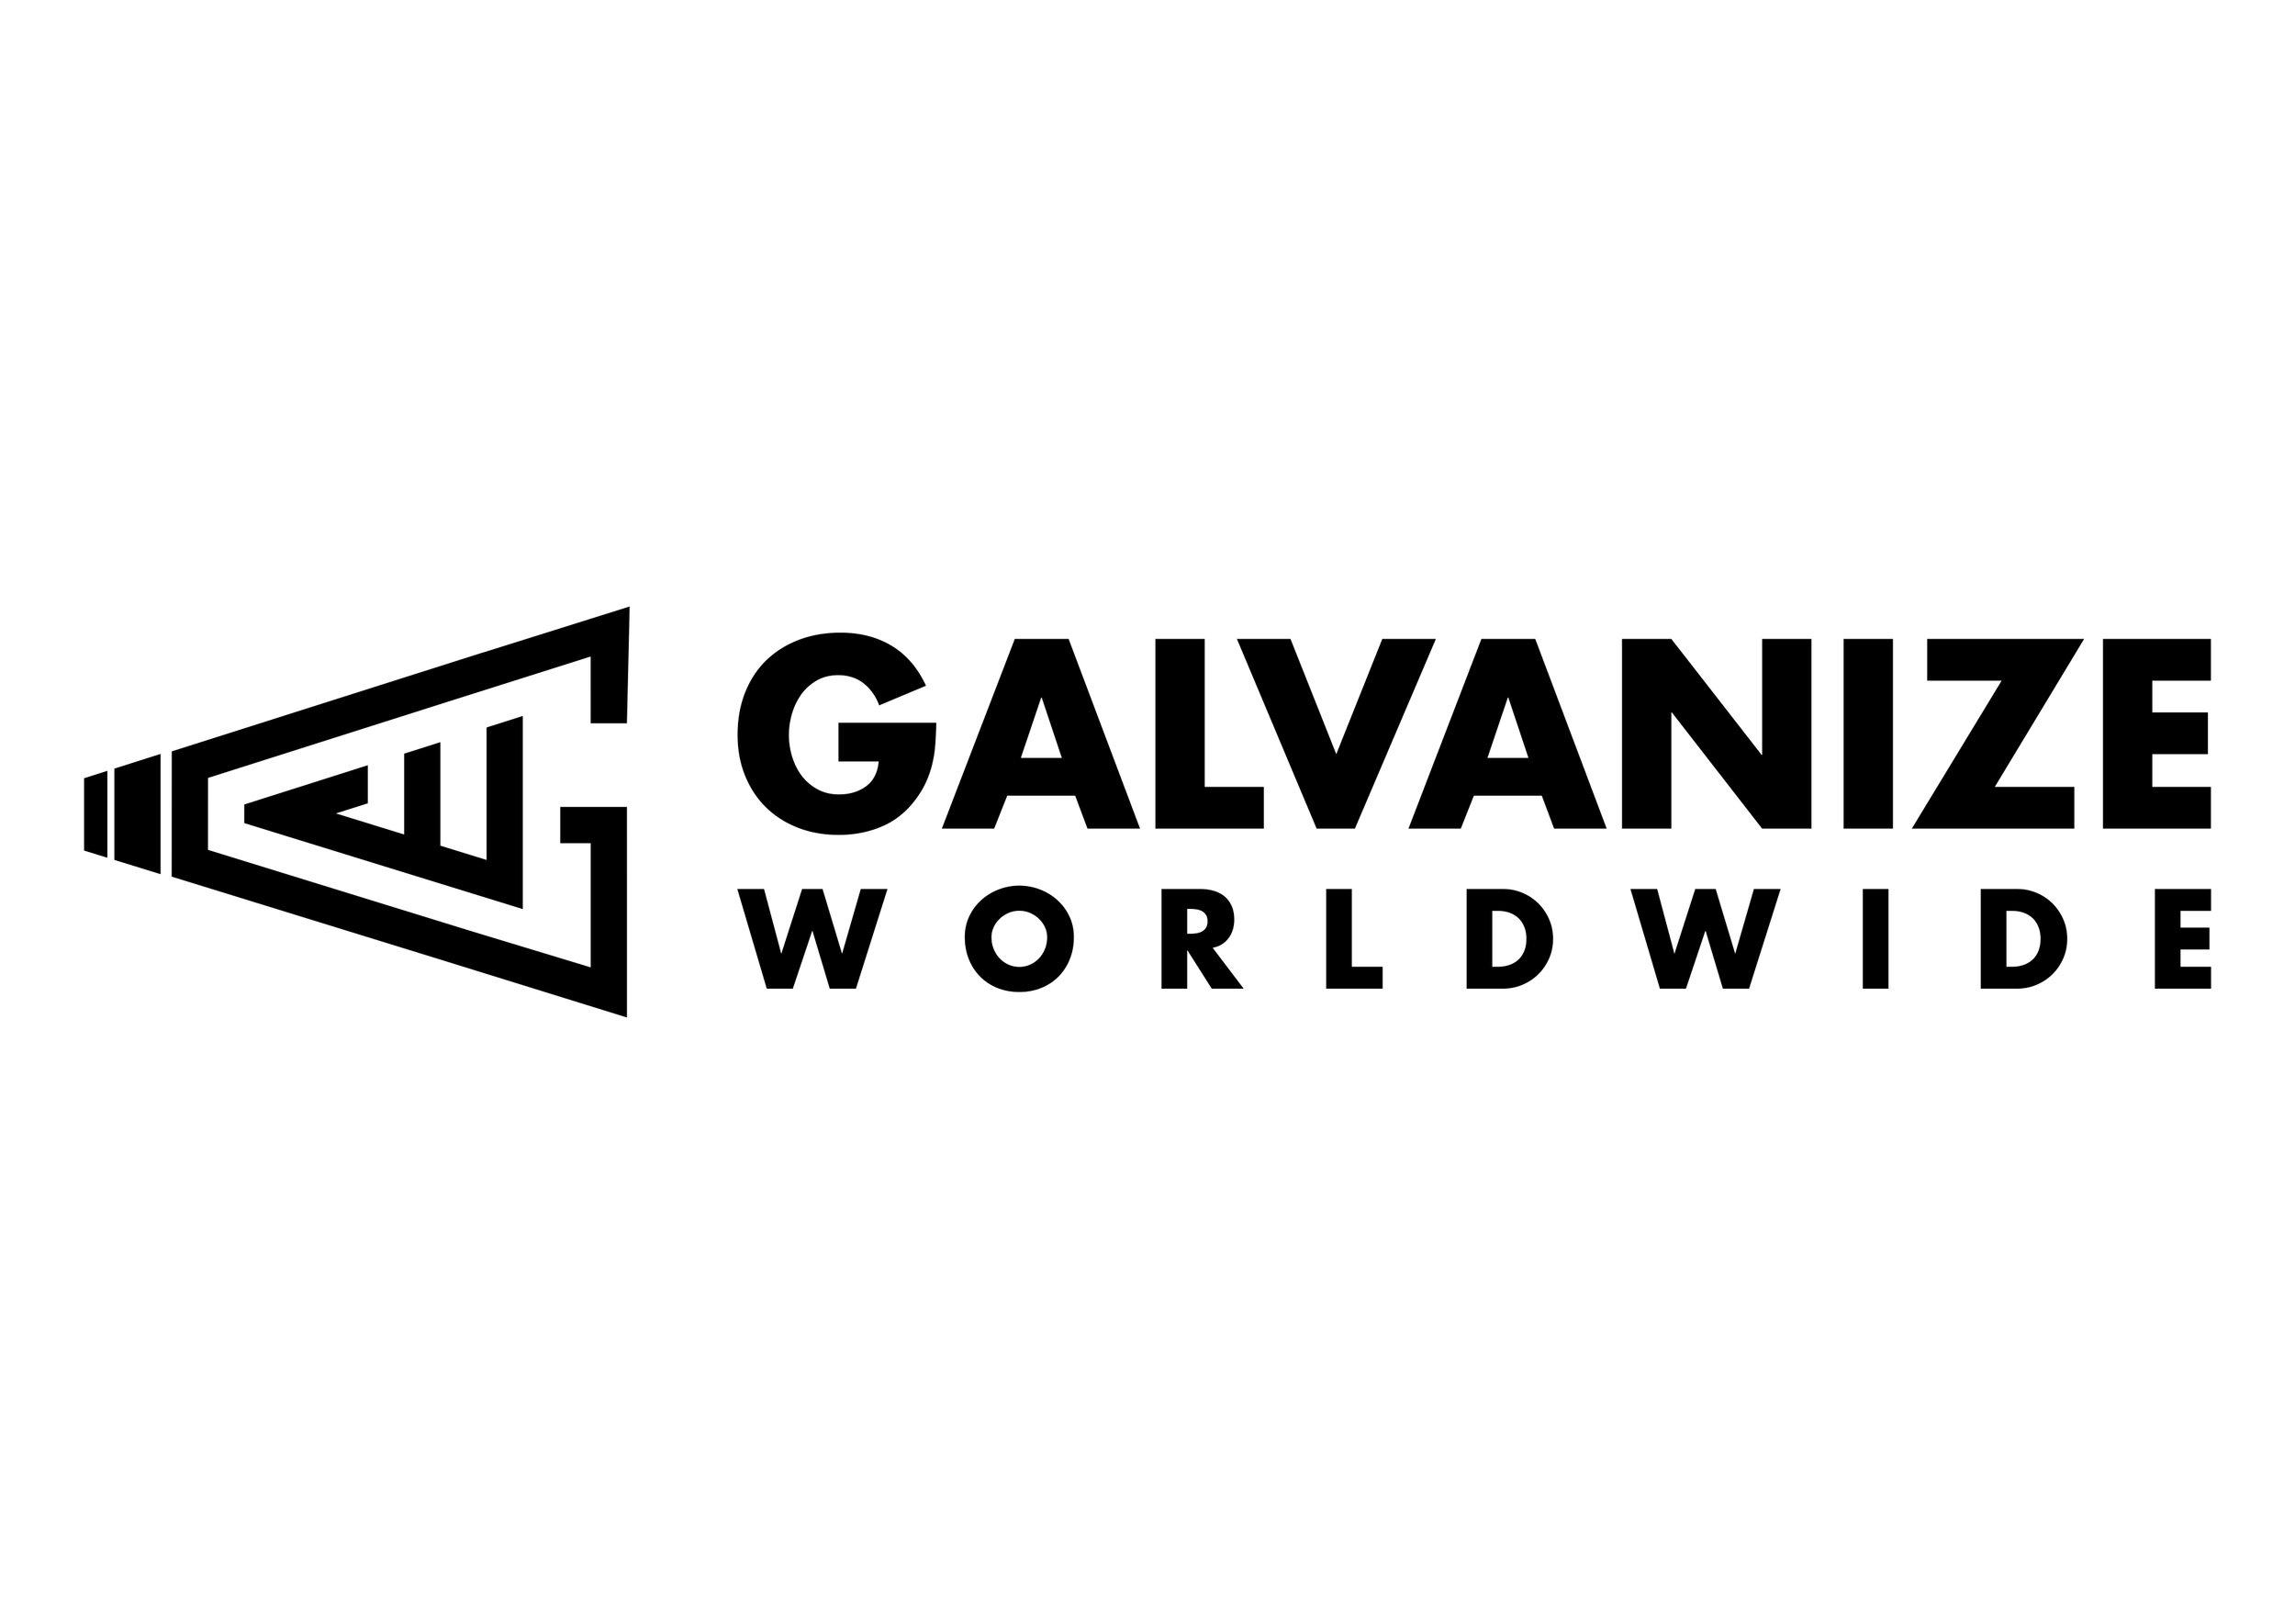 Galvanize Worldwide.jpg